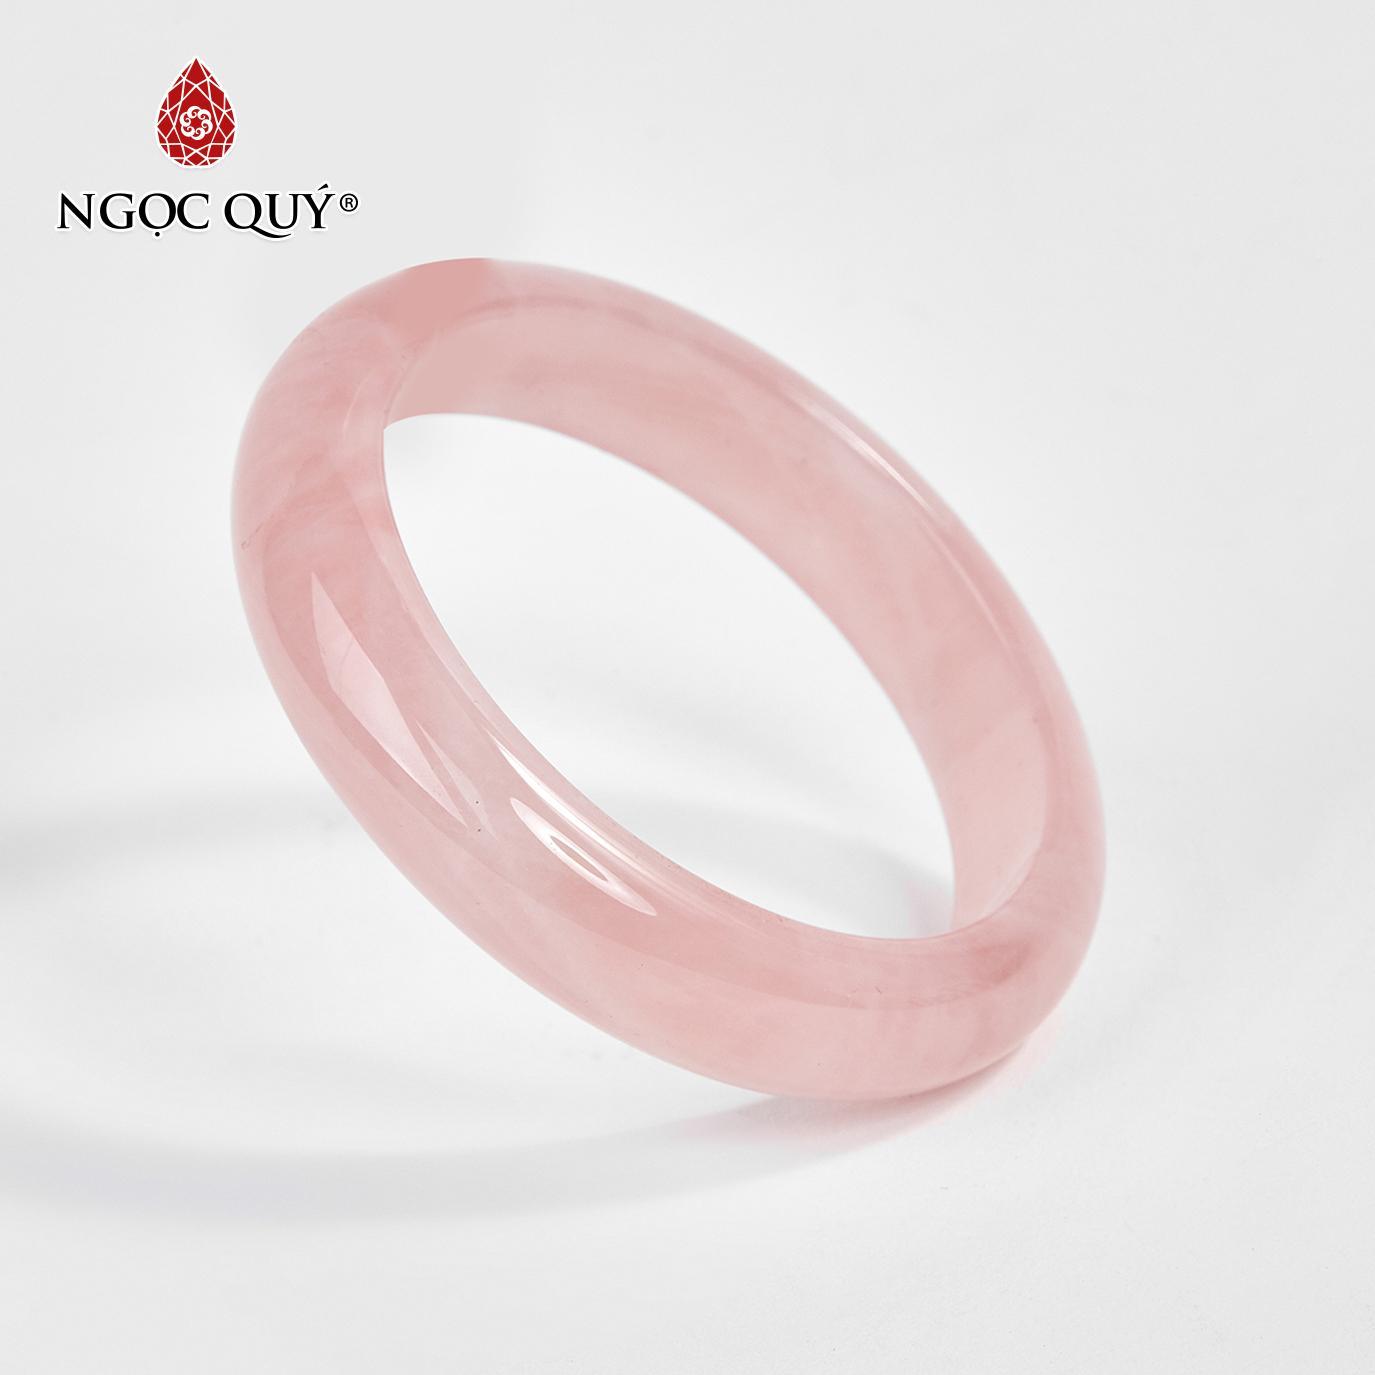 Vòng tay đá thạch anh hồng liền khối Ni 52 - 58 mệnh hỏa, thổ (màu hồng phấn) - Ngọc Quý Gemstones